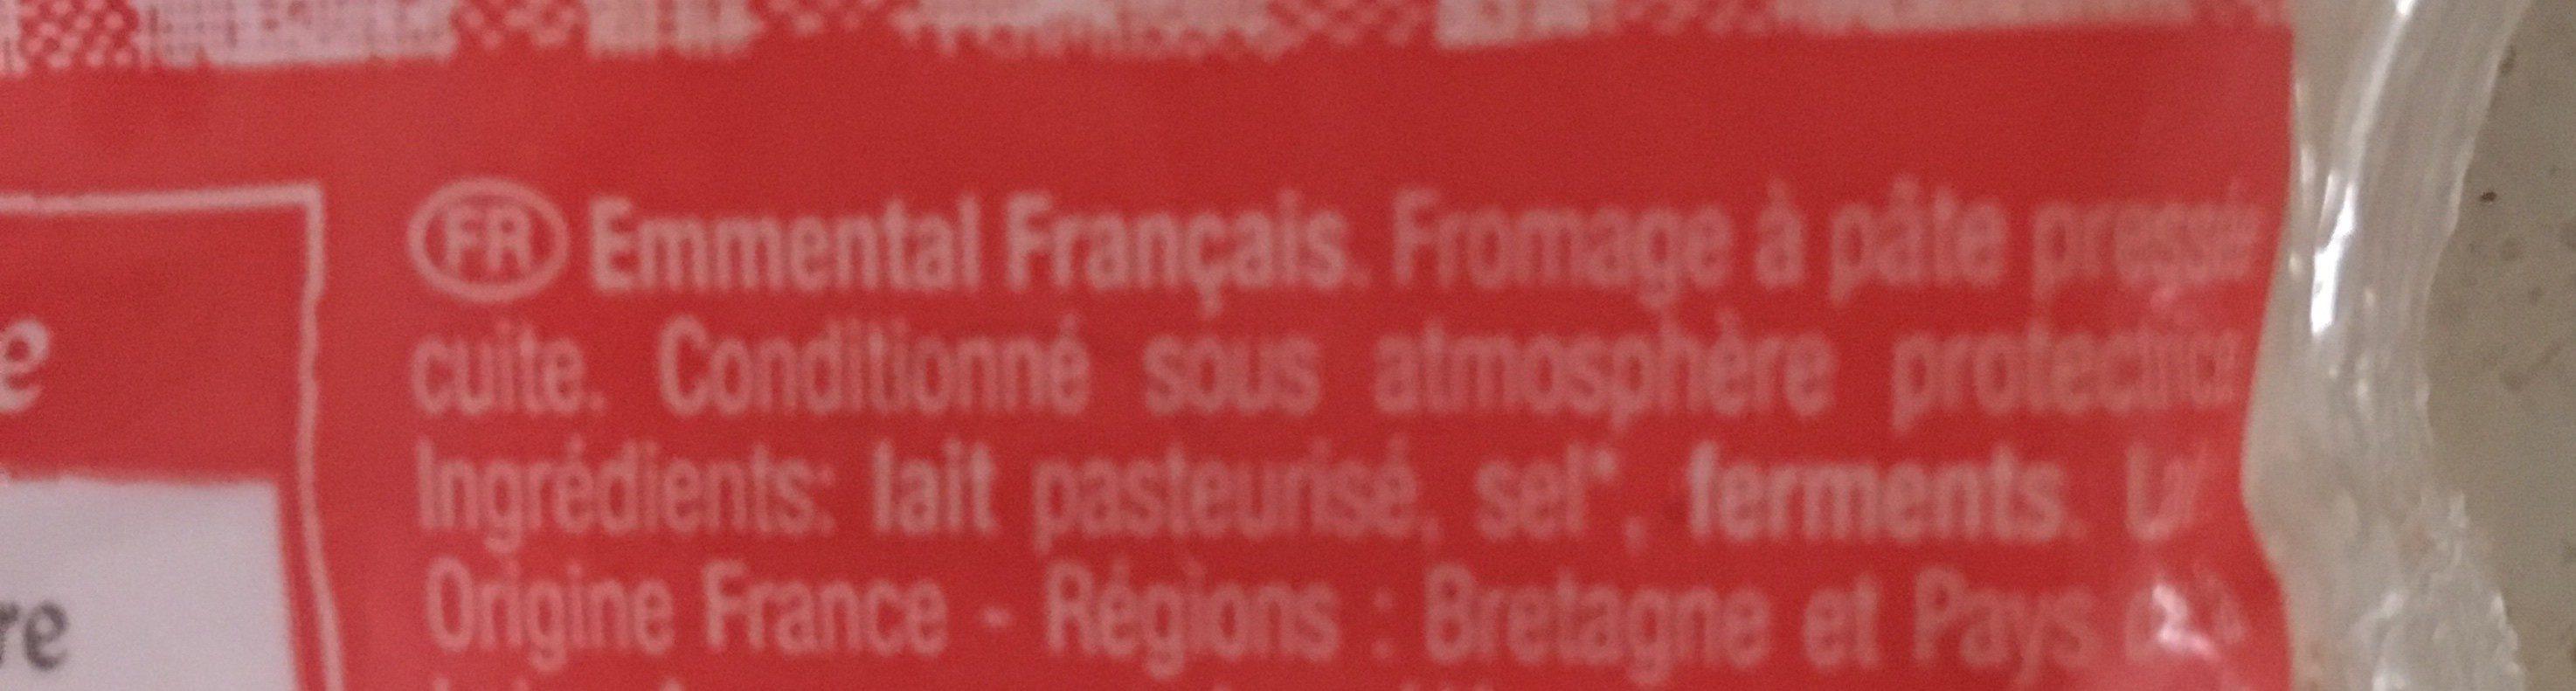 L'emmental - Ingrédients - fr